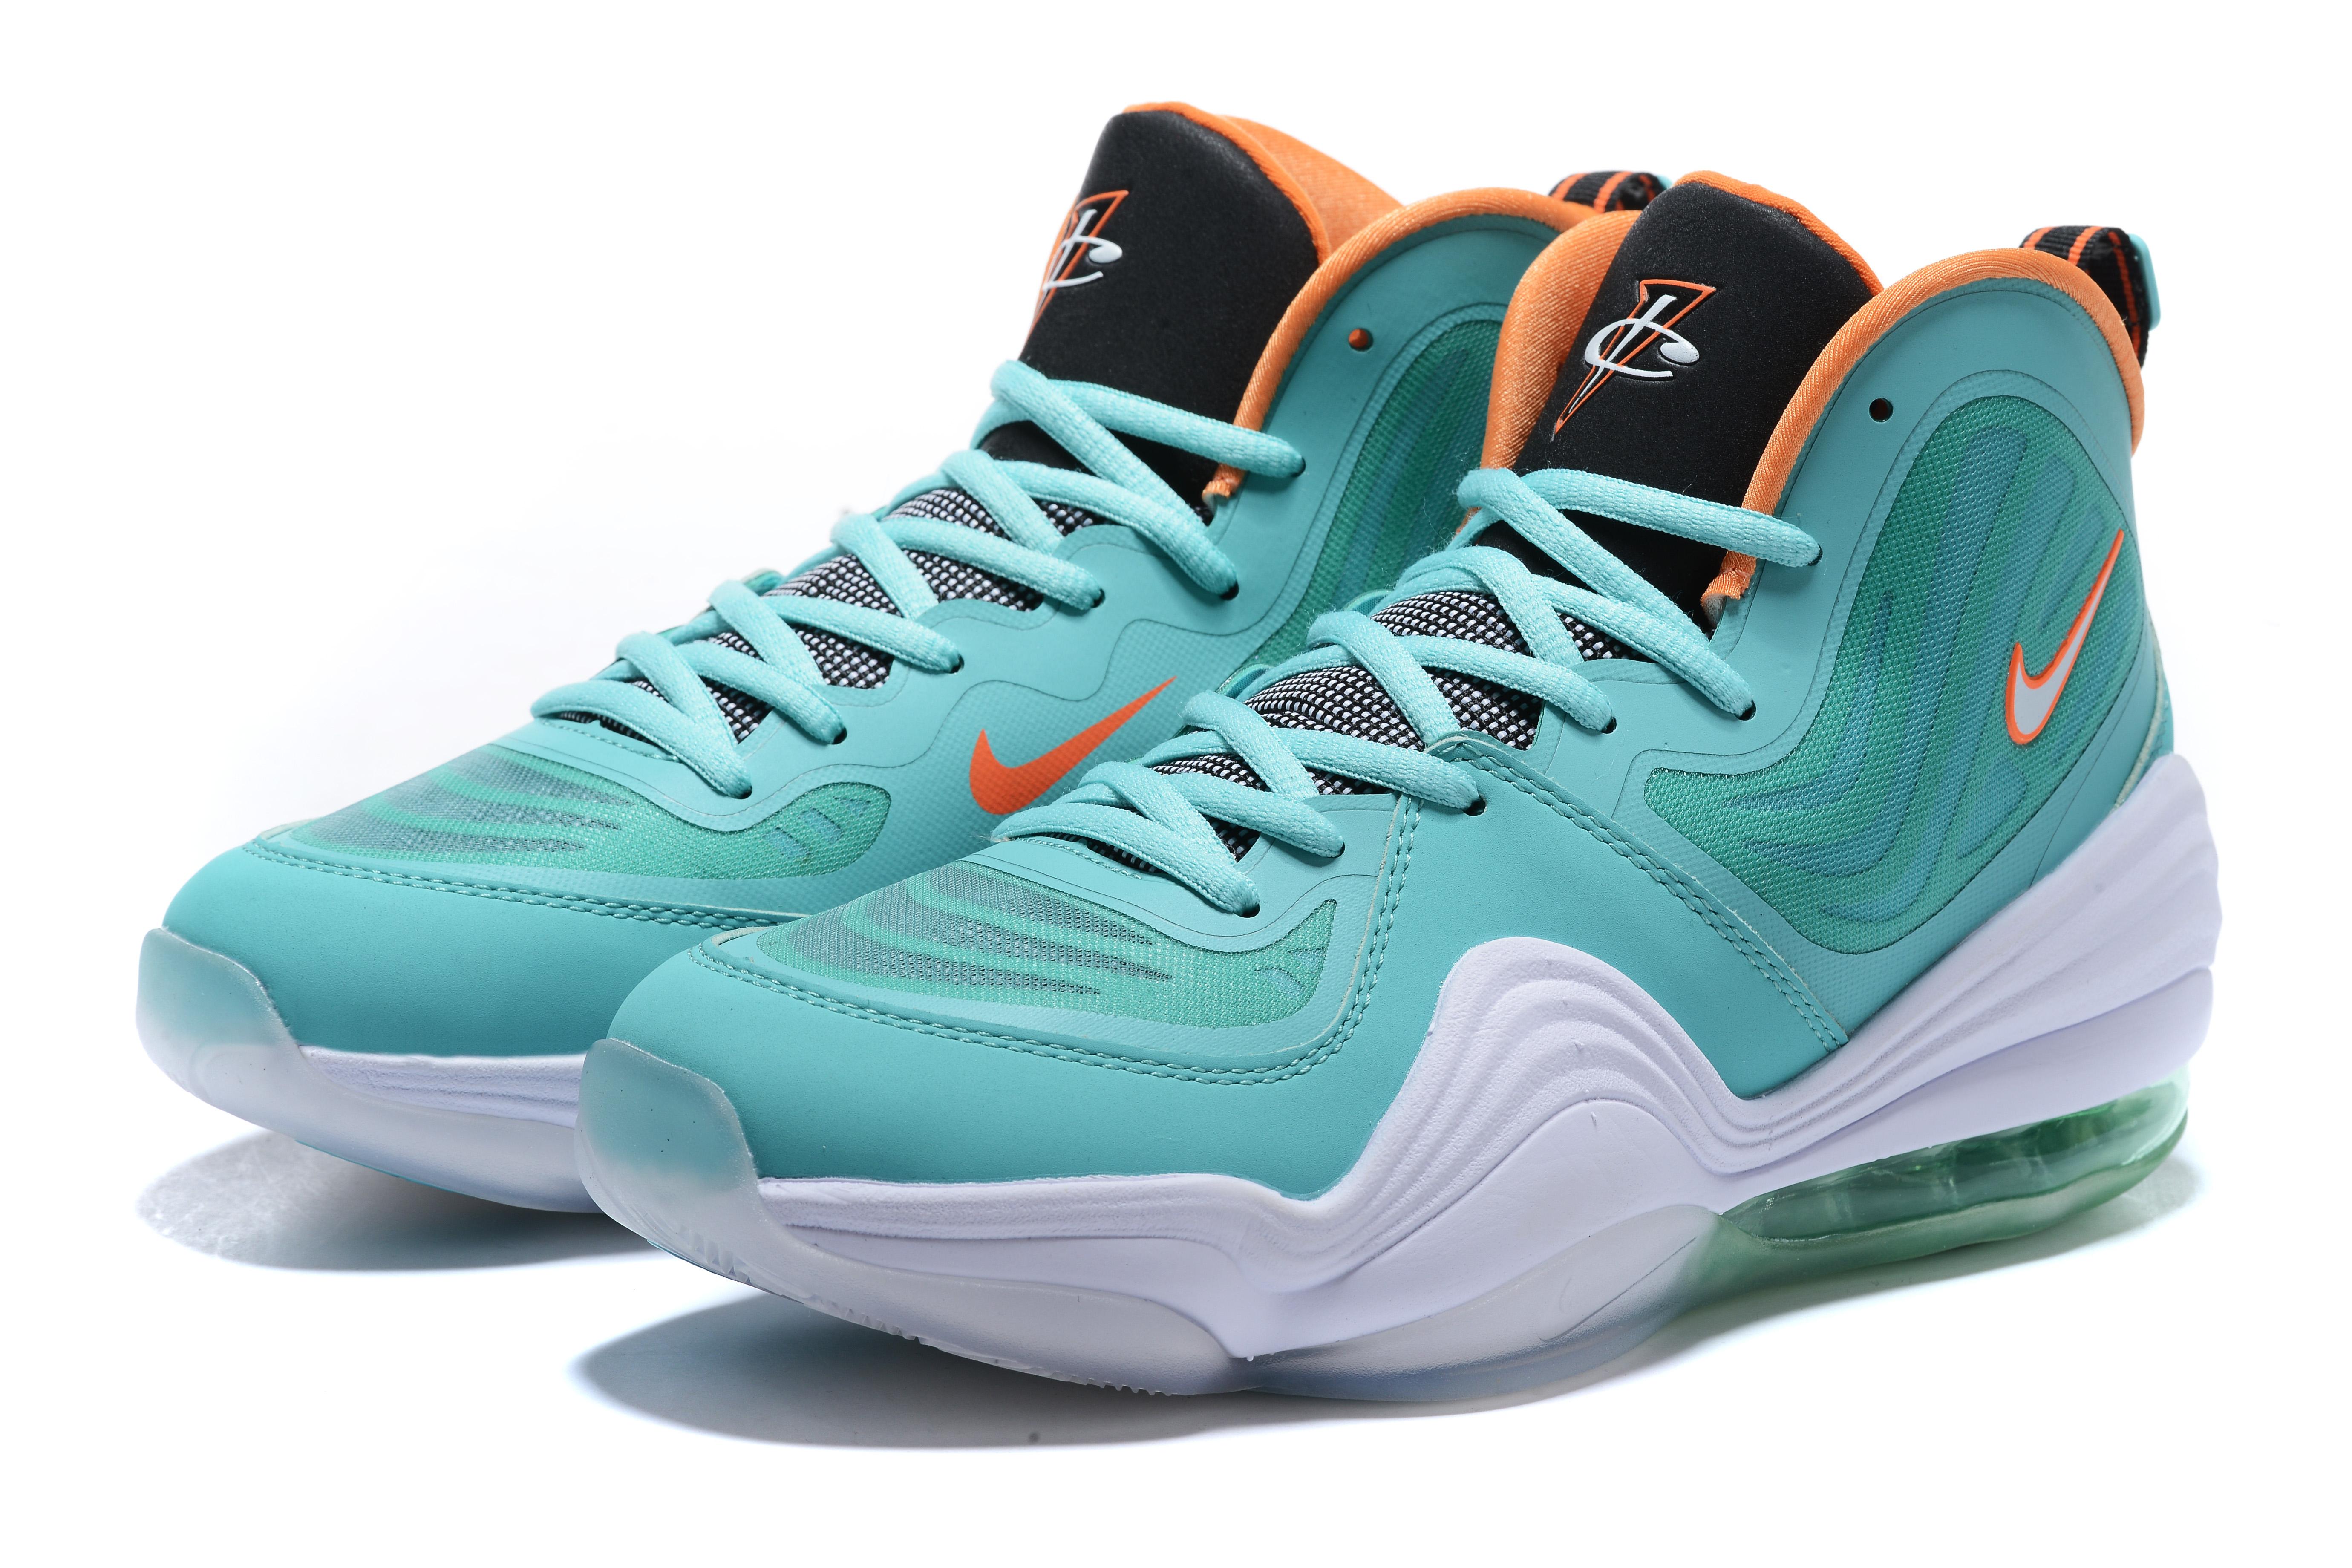 Nike Penny Hardaway Basketball Shoes On Sale